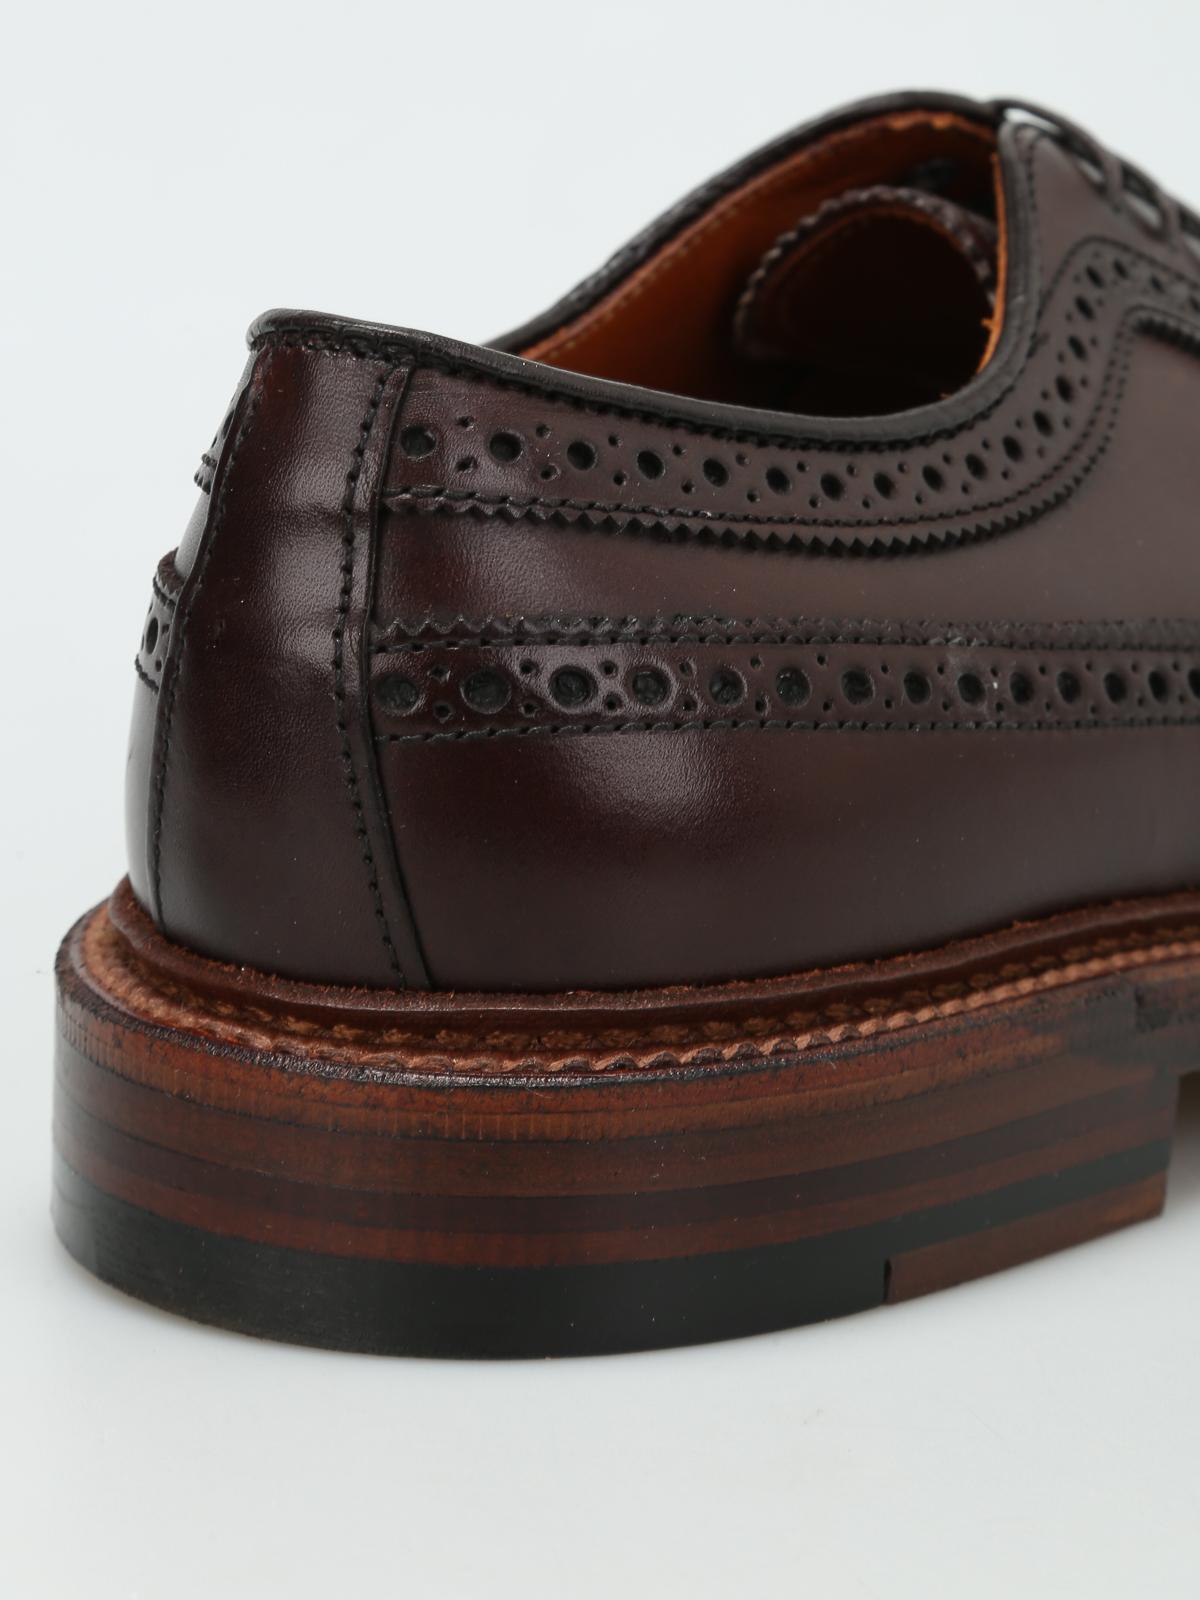 Alden Shoes Sale Online